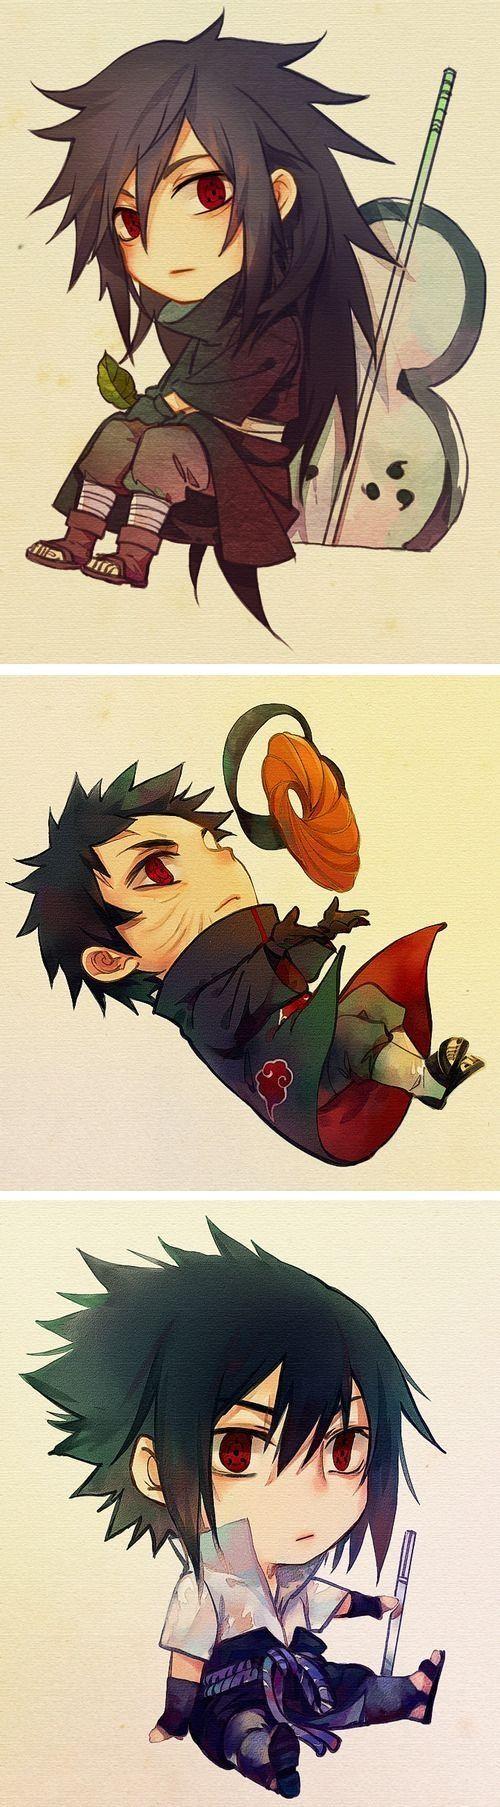 Madara Uchiha, Obito Uchiha aka Tobi, and my favorite, Sasuke Uchiha.